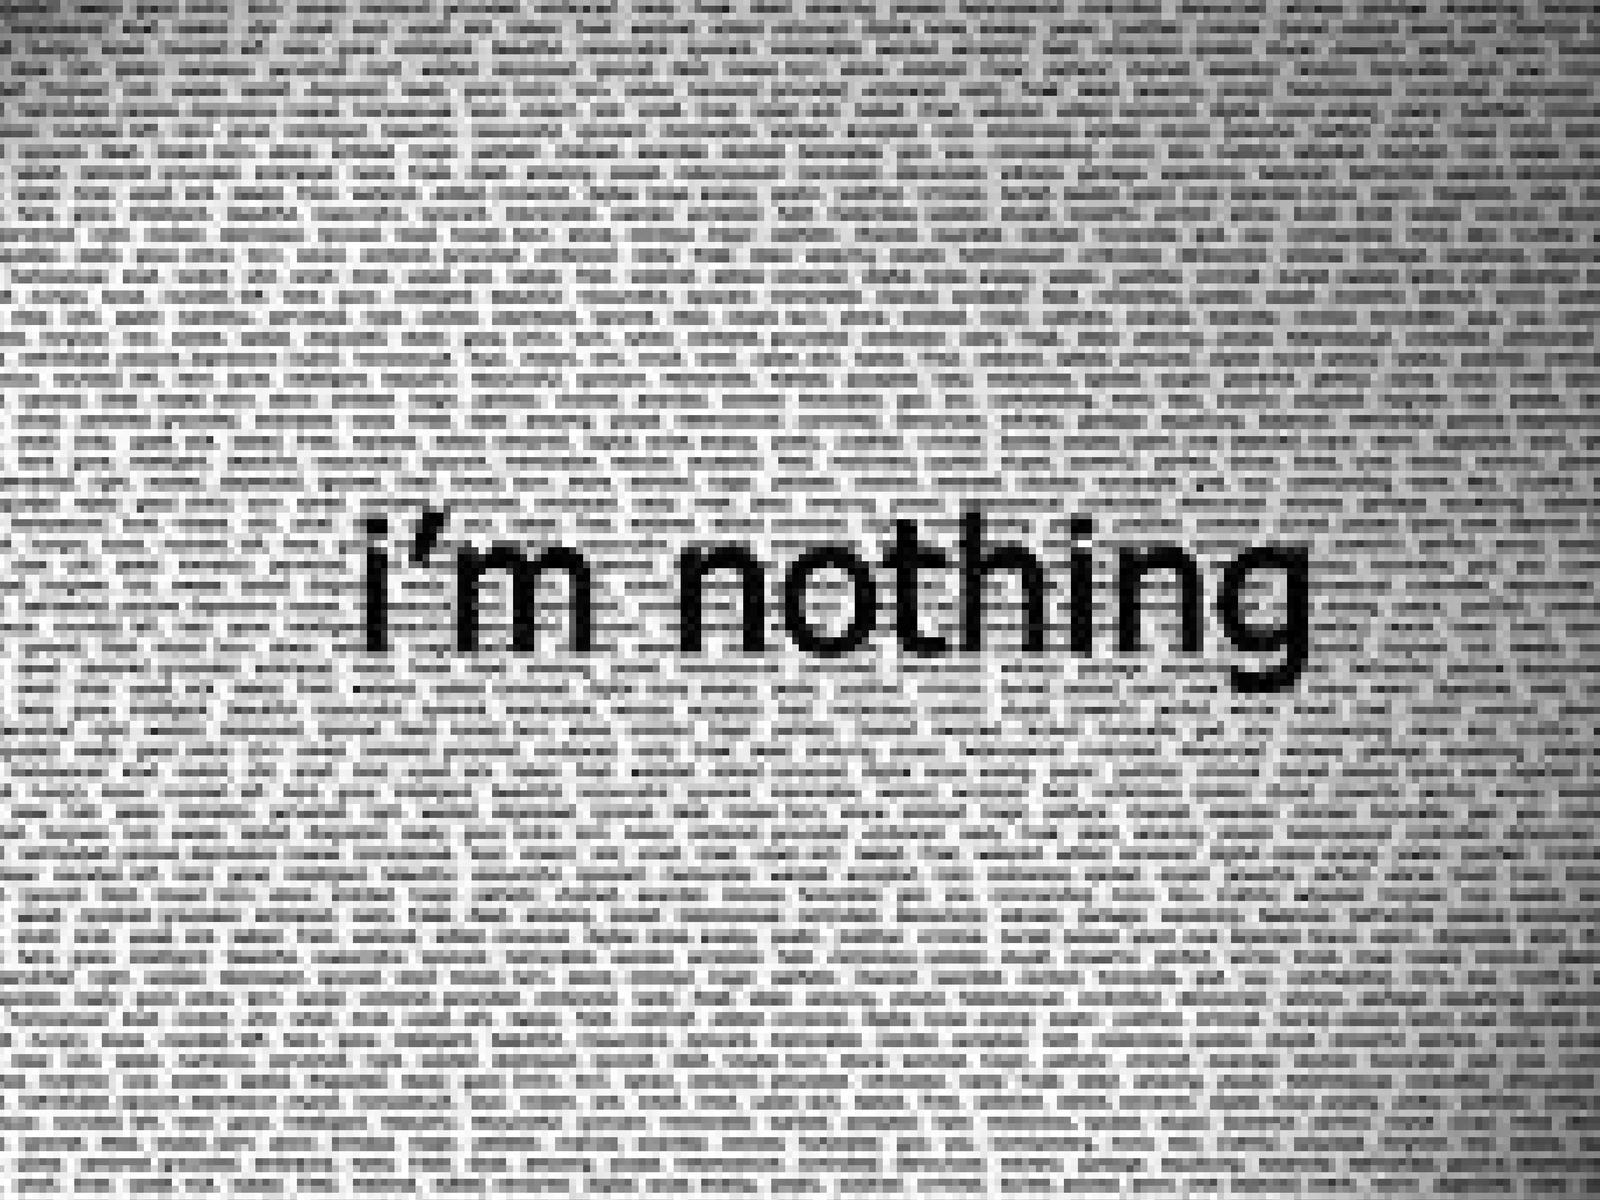 I'm nothing(1600x1200)